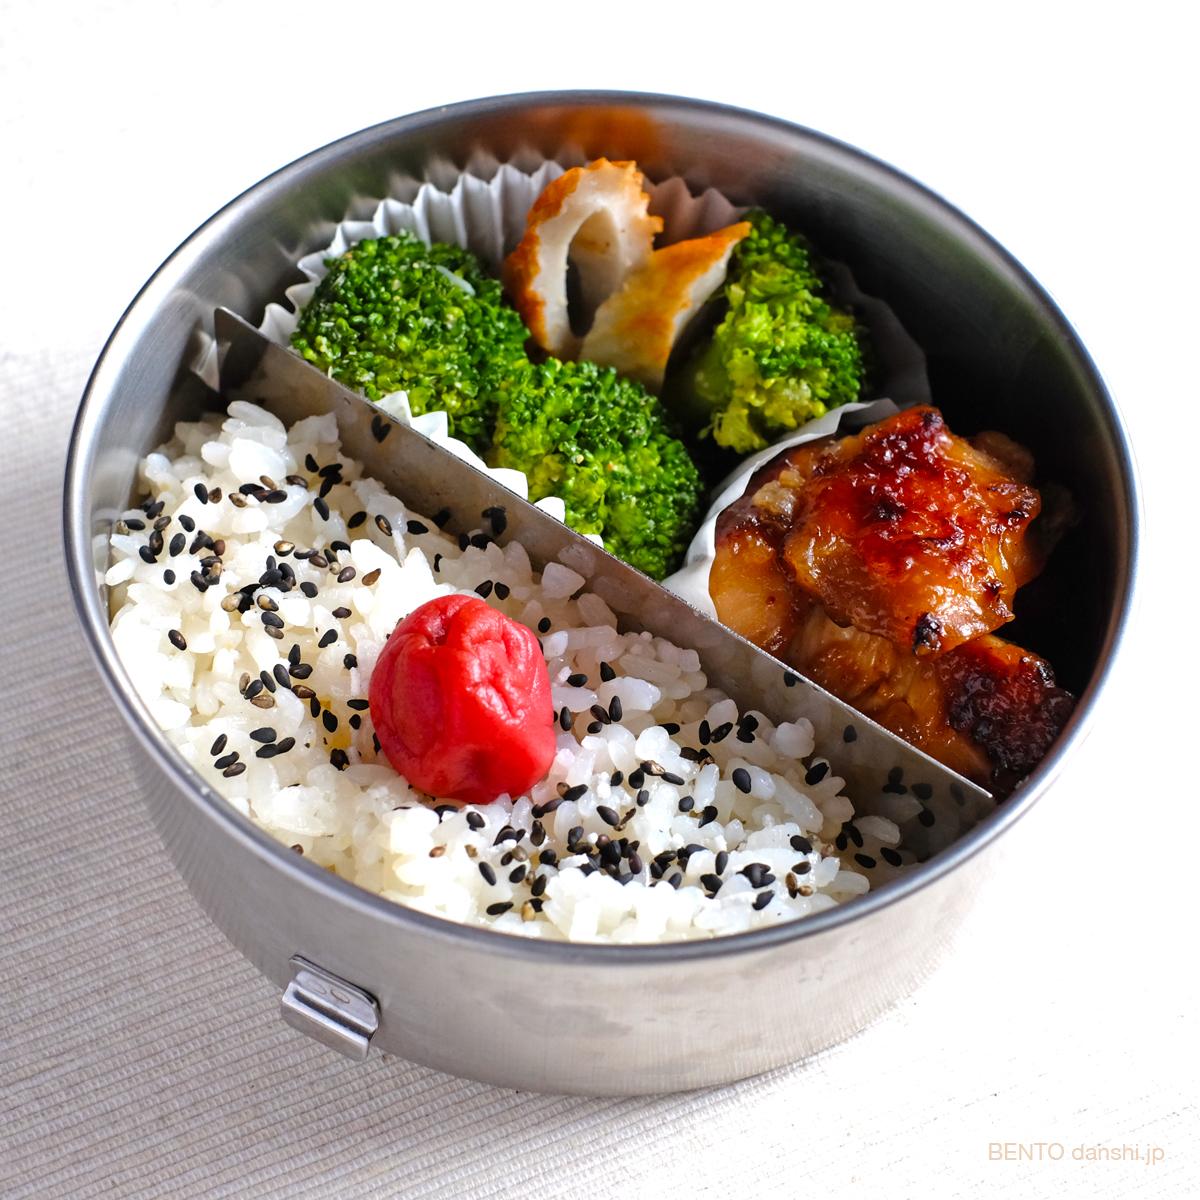 男の弁当に◎、シンプル簡単節約レシピの『鶏の唐揚げとブロッコリーとちくわのごま和え弁当』